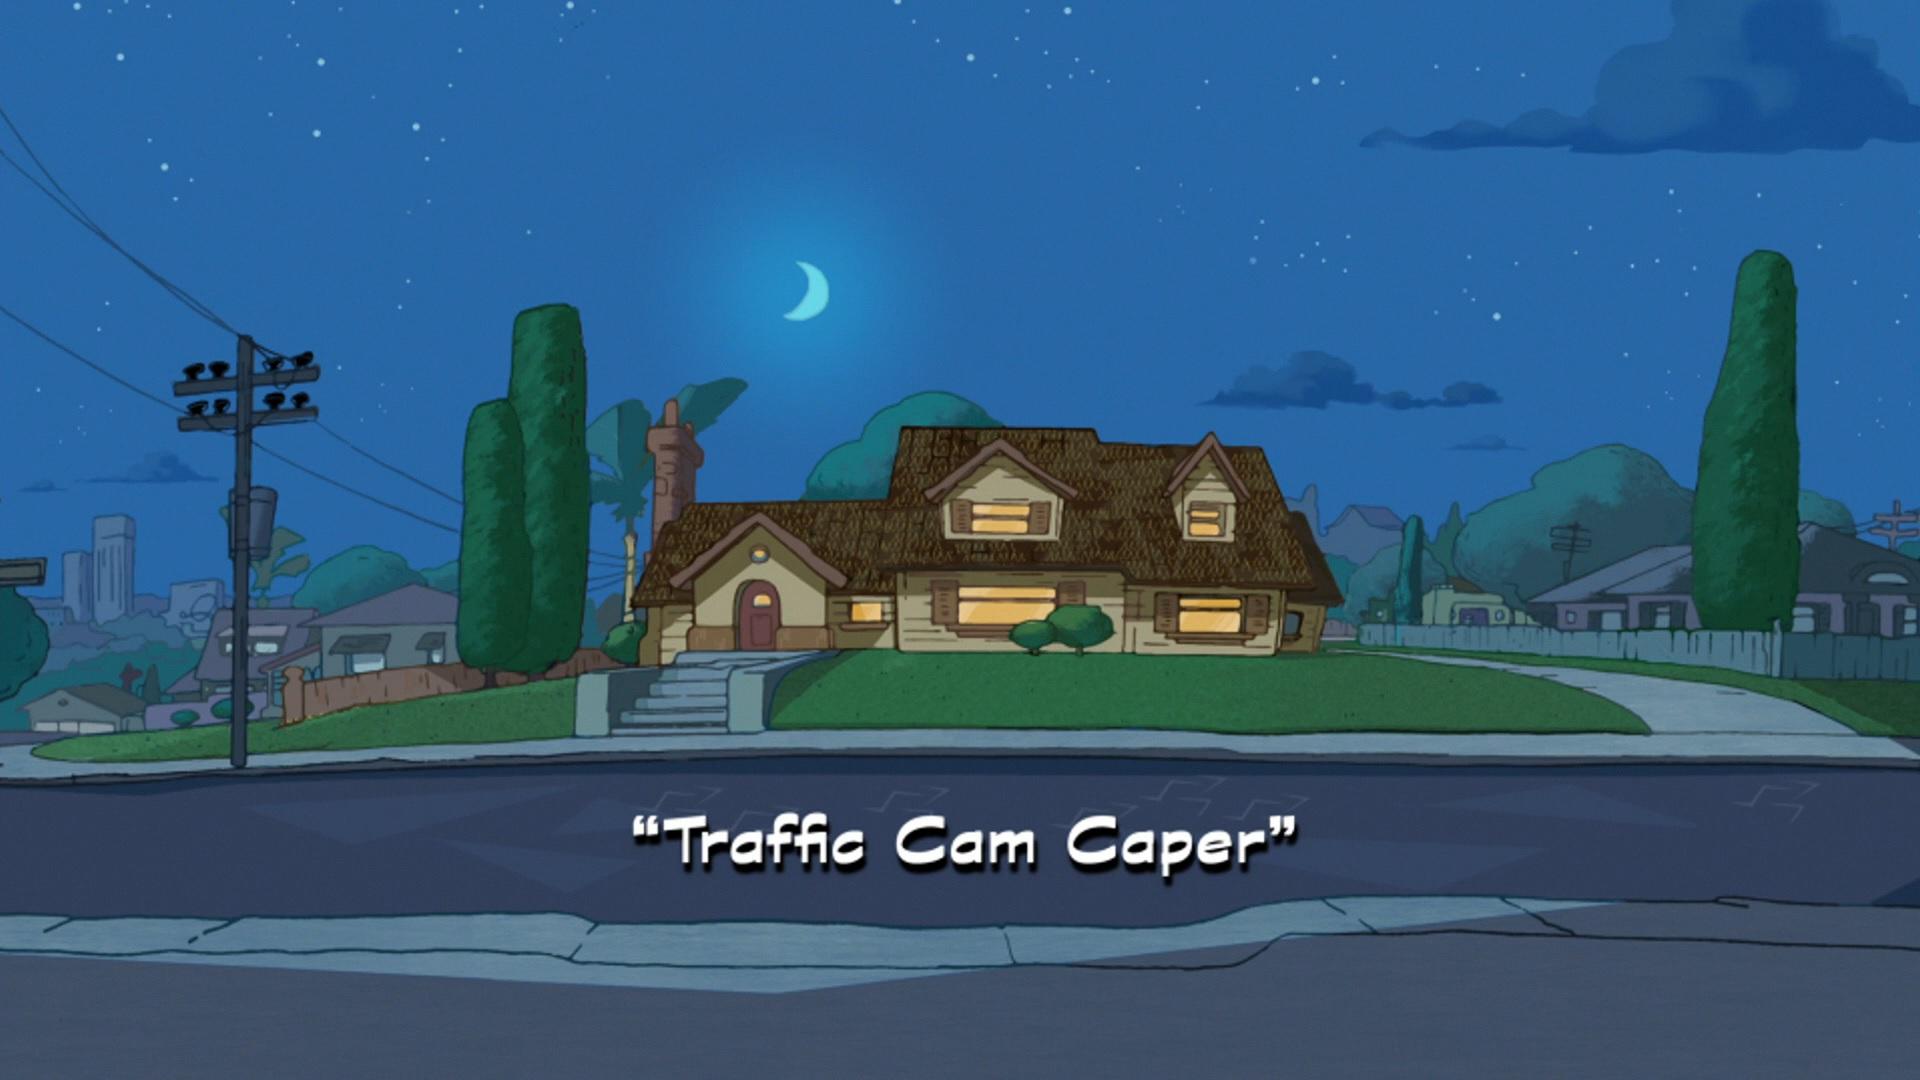 File:Traffic Cam Caper title card.jpg